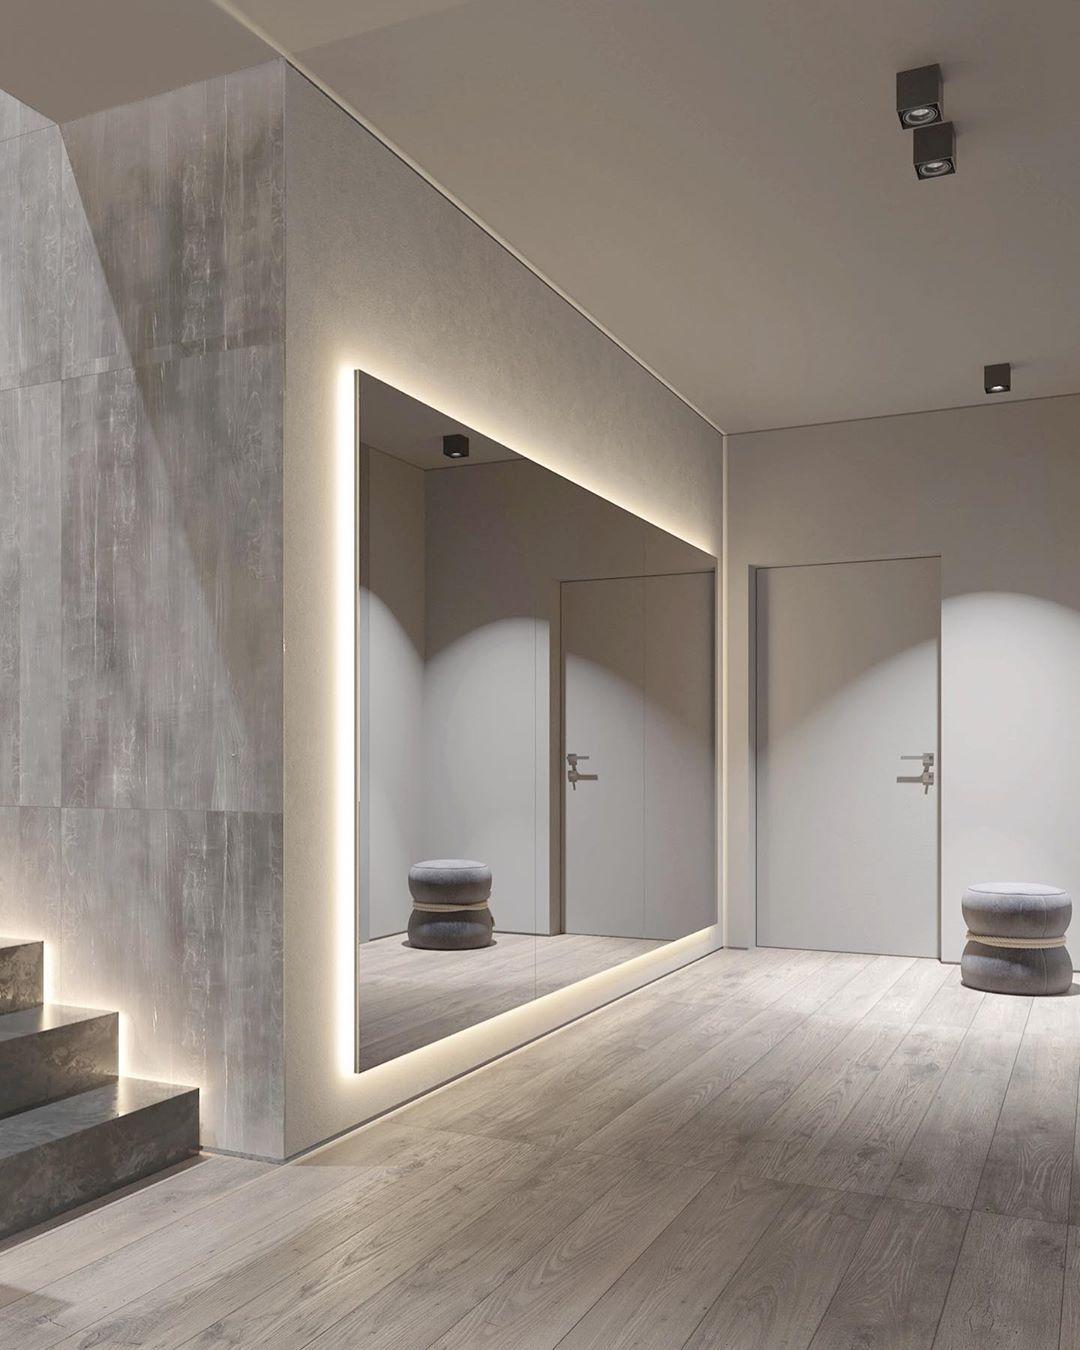 Curoproject On Instagram Led Lighting That S It That S The Whole Caption Wohnung Innenarchitektur Haus Innenarchitektur Design Fur Zuhause